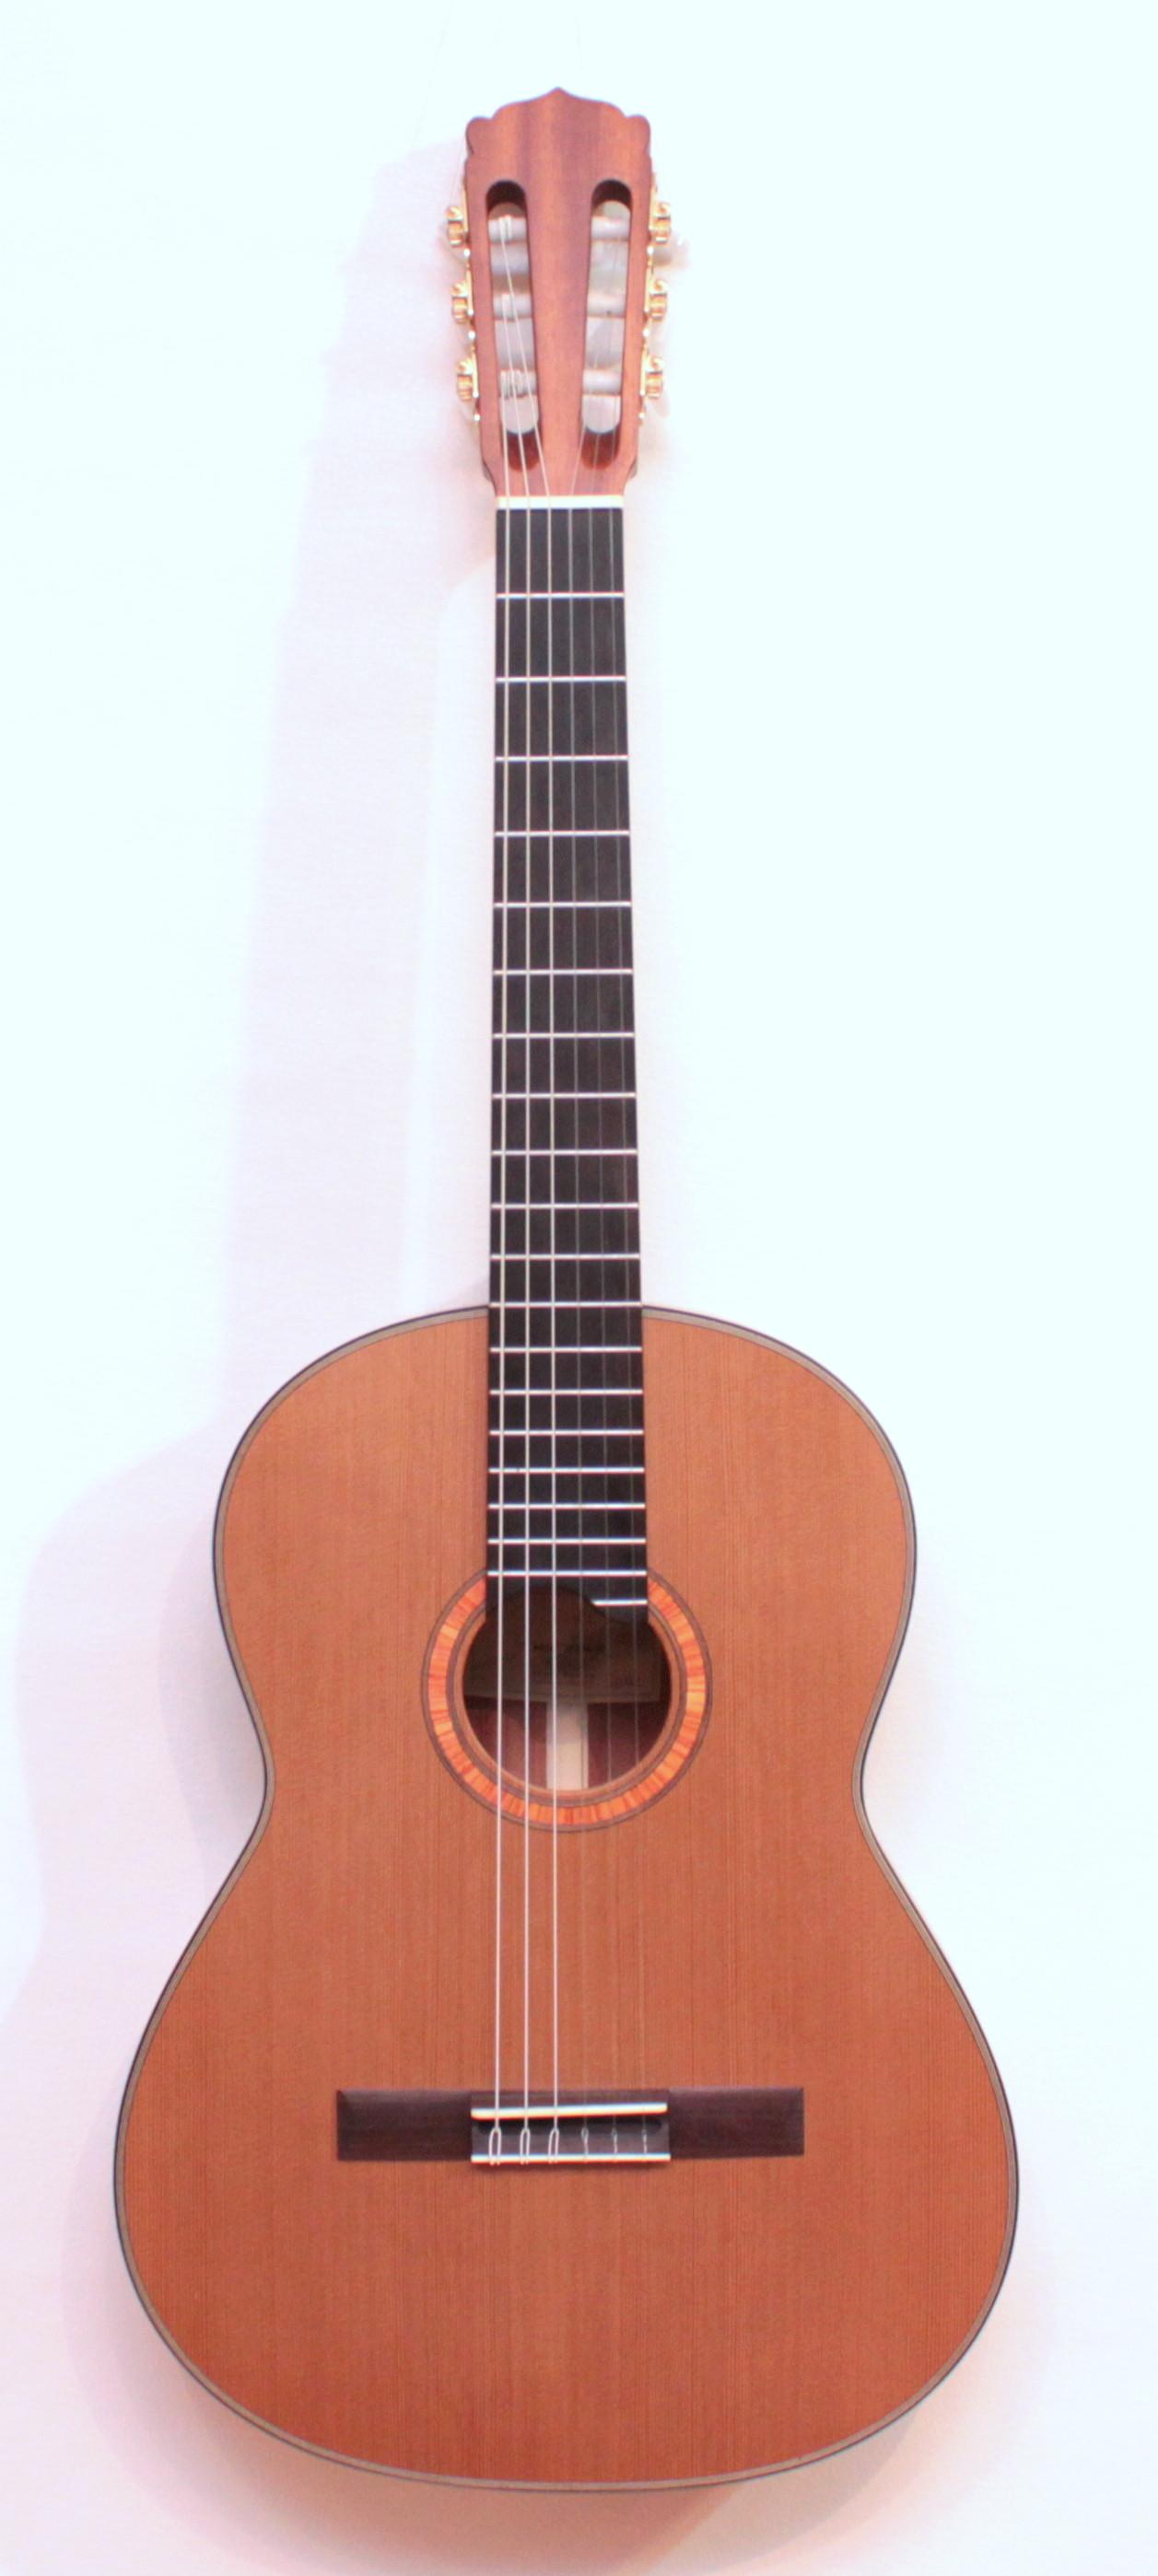 Hanika 50 M-Cedar